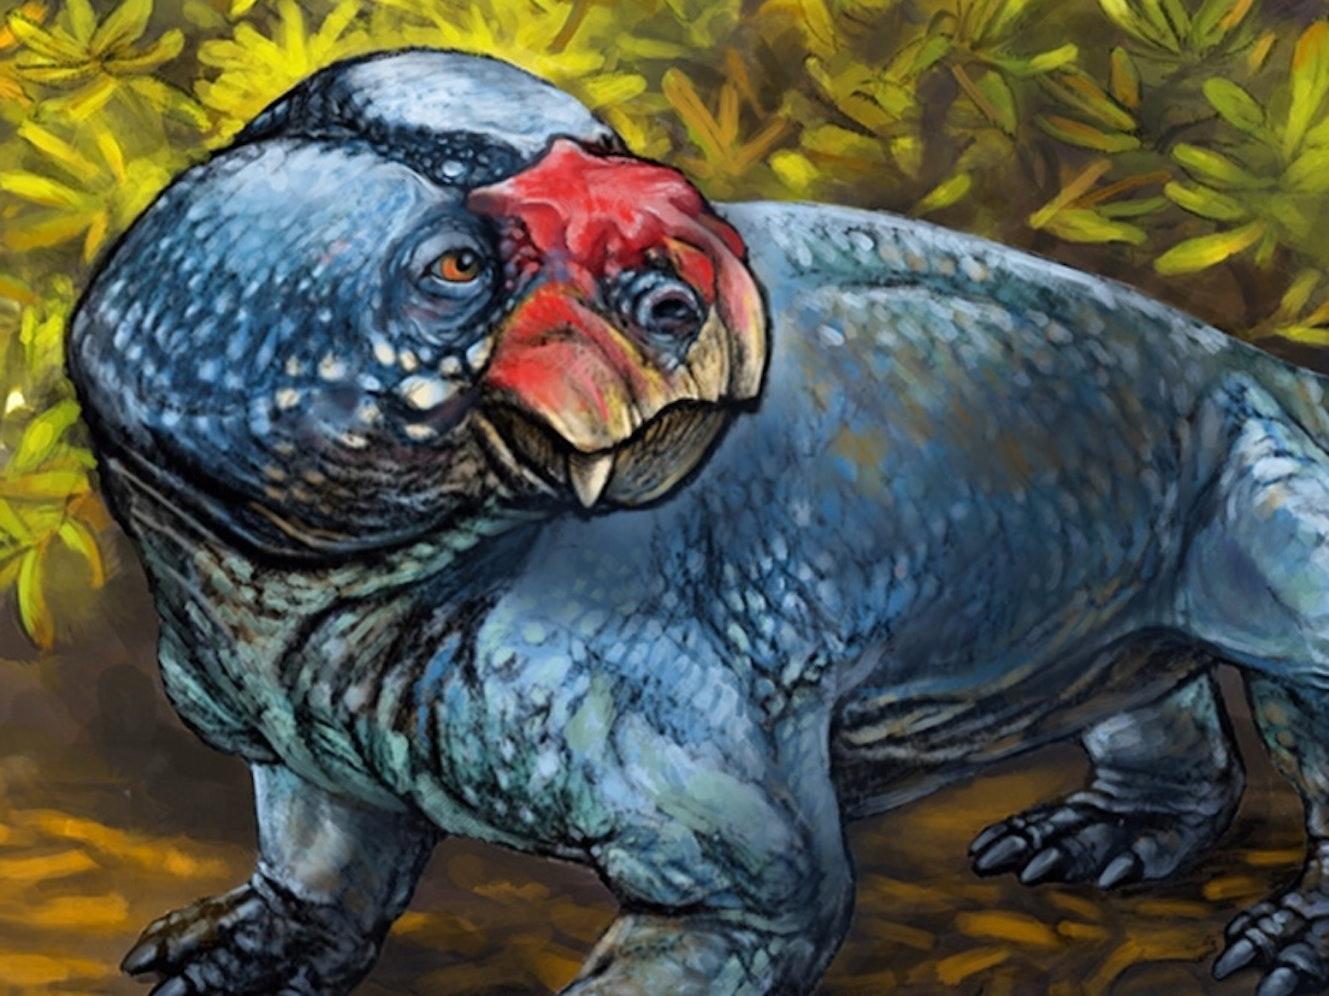 A precursor to mammals has been named Bubasaurus phylloxyron.